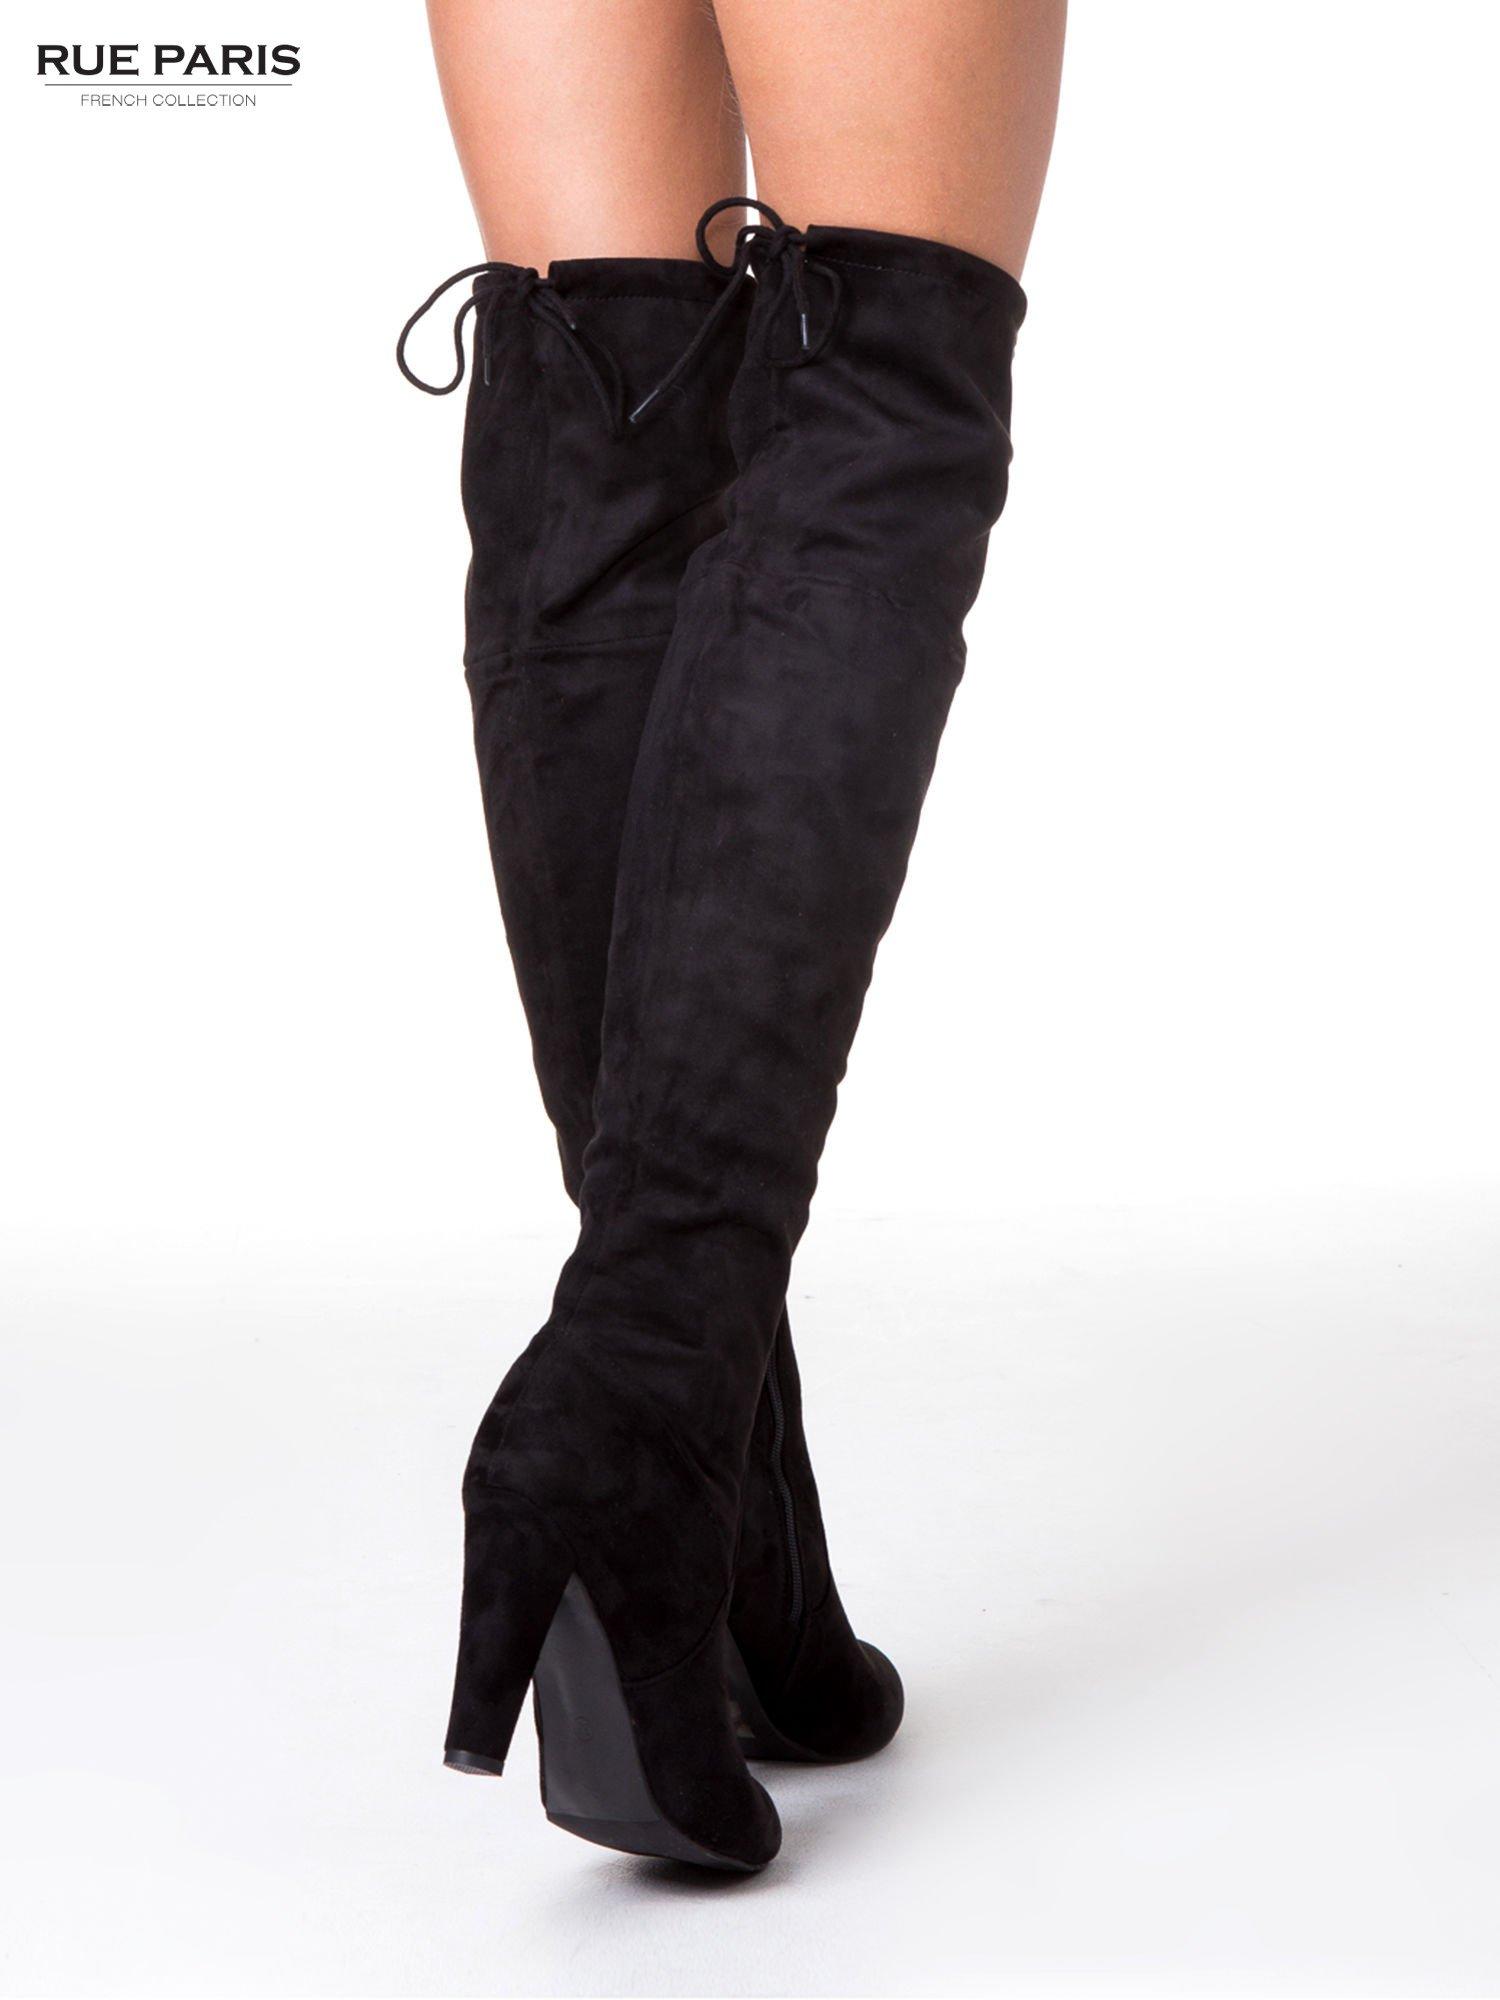 Czarne zamszowe kozaki za kolano muszkieterki wiązane z tyłu                                  zdj.                                  2